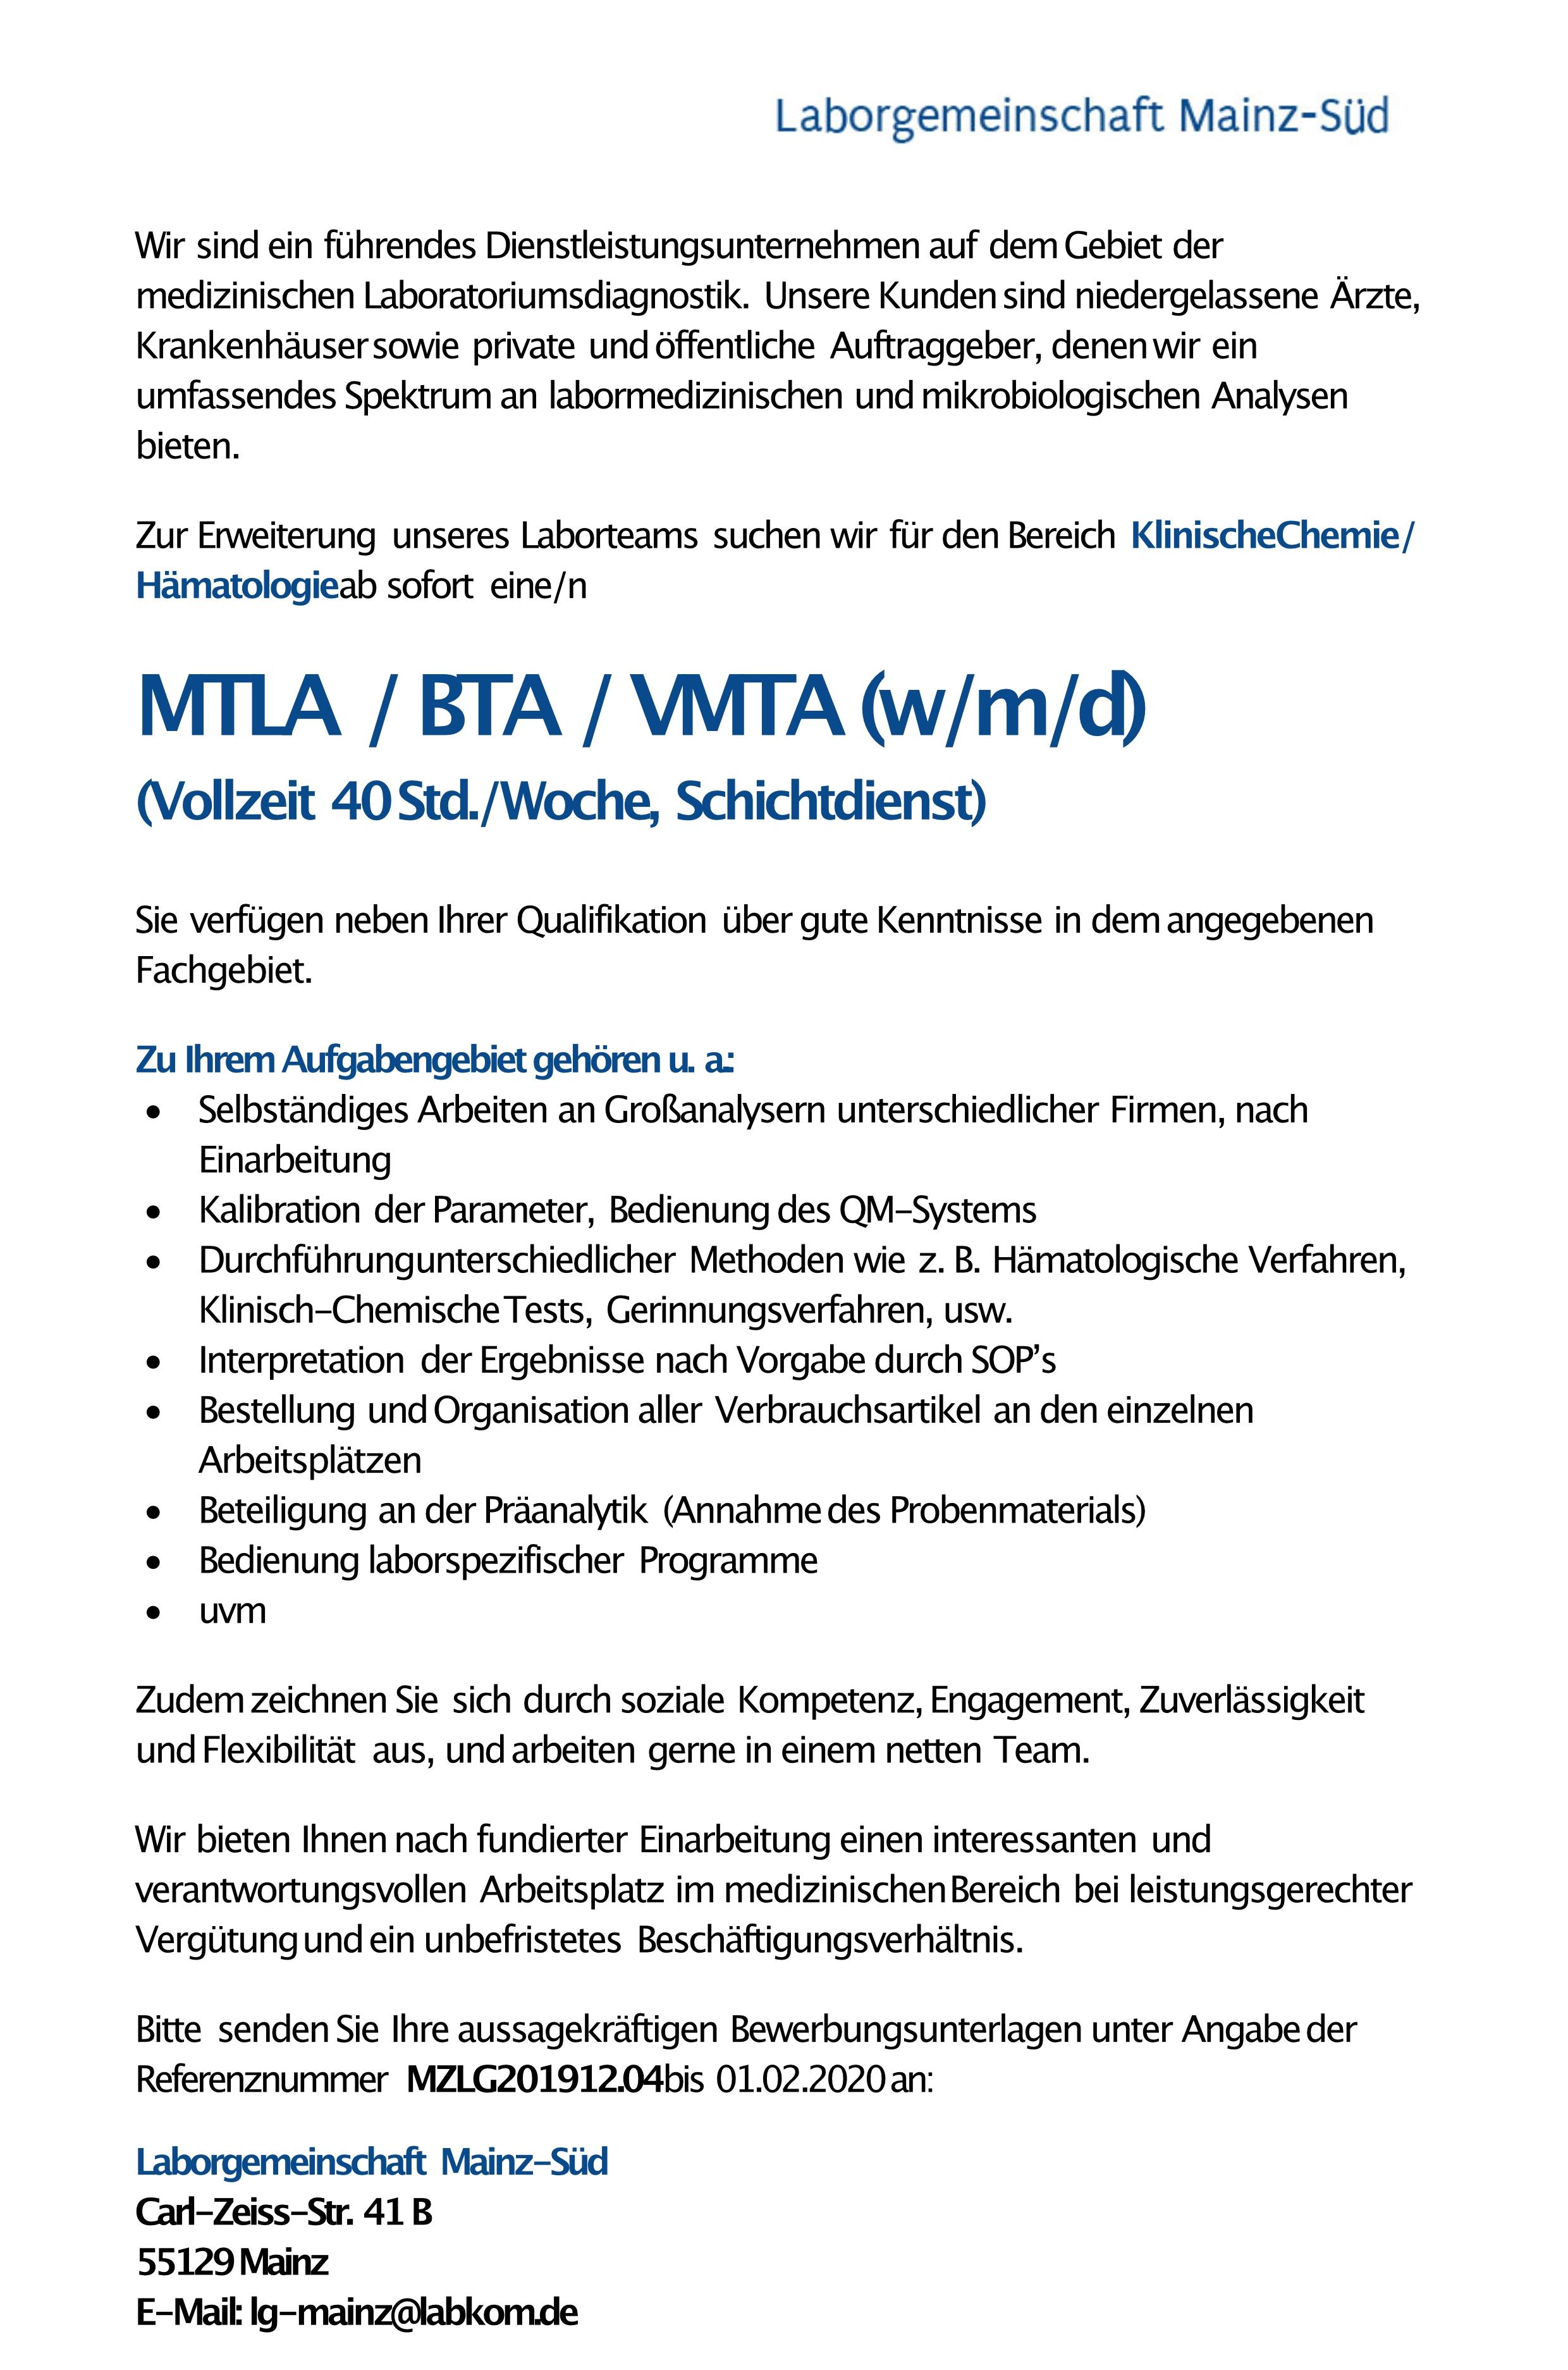 MTLA / BTA / VMTA (w/m/d)